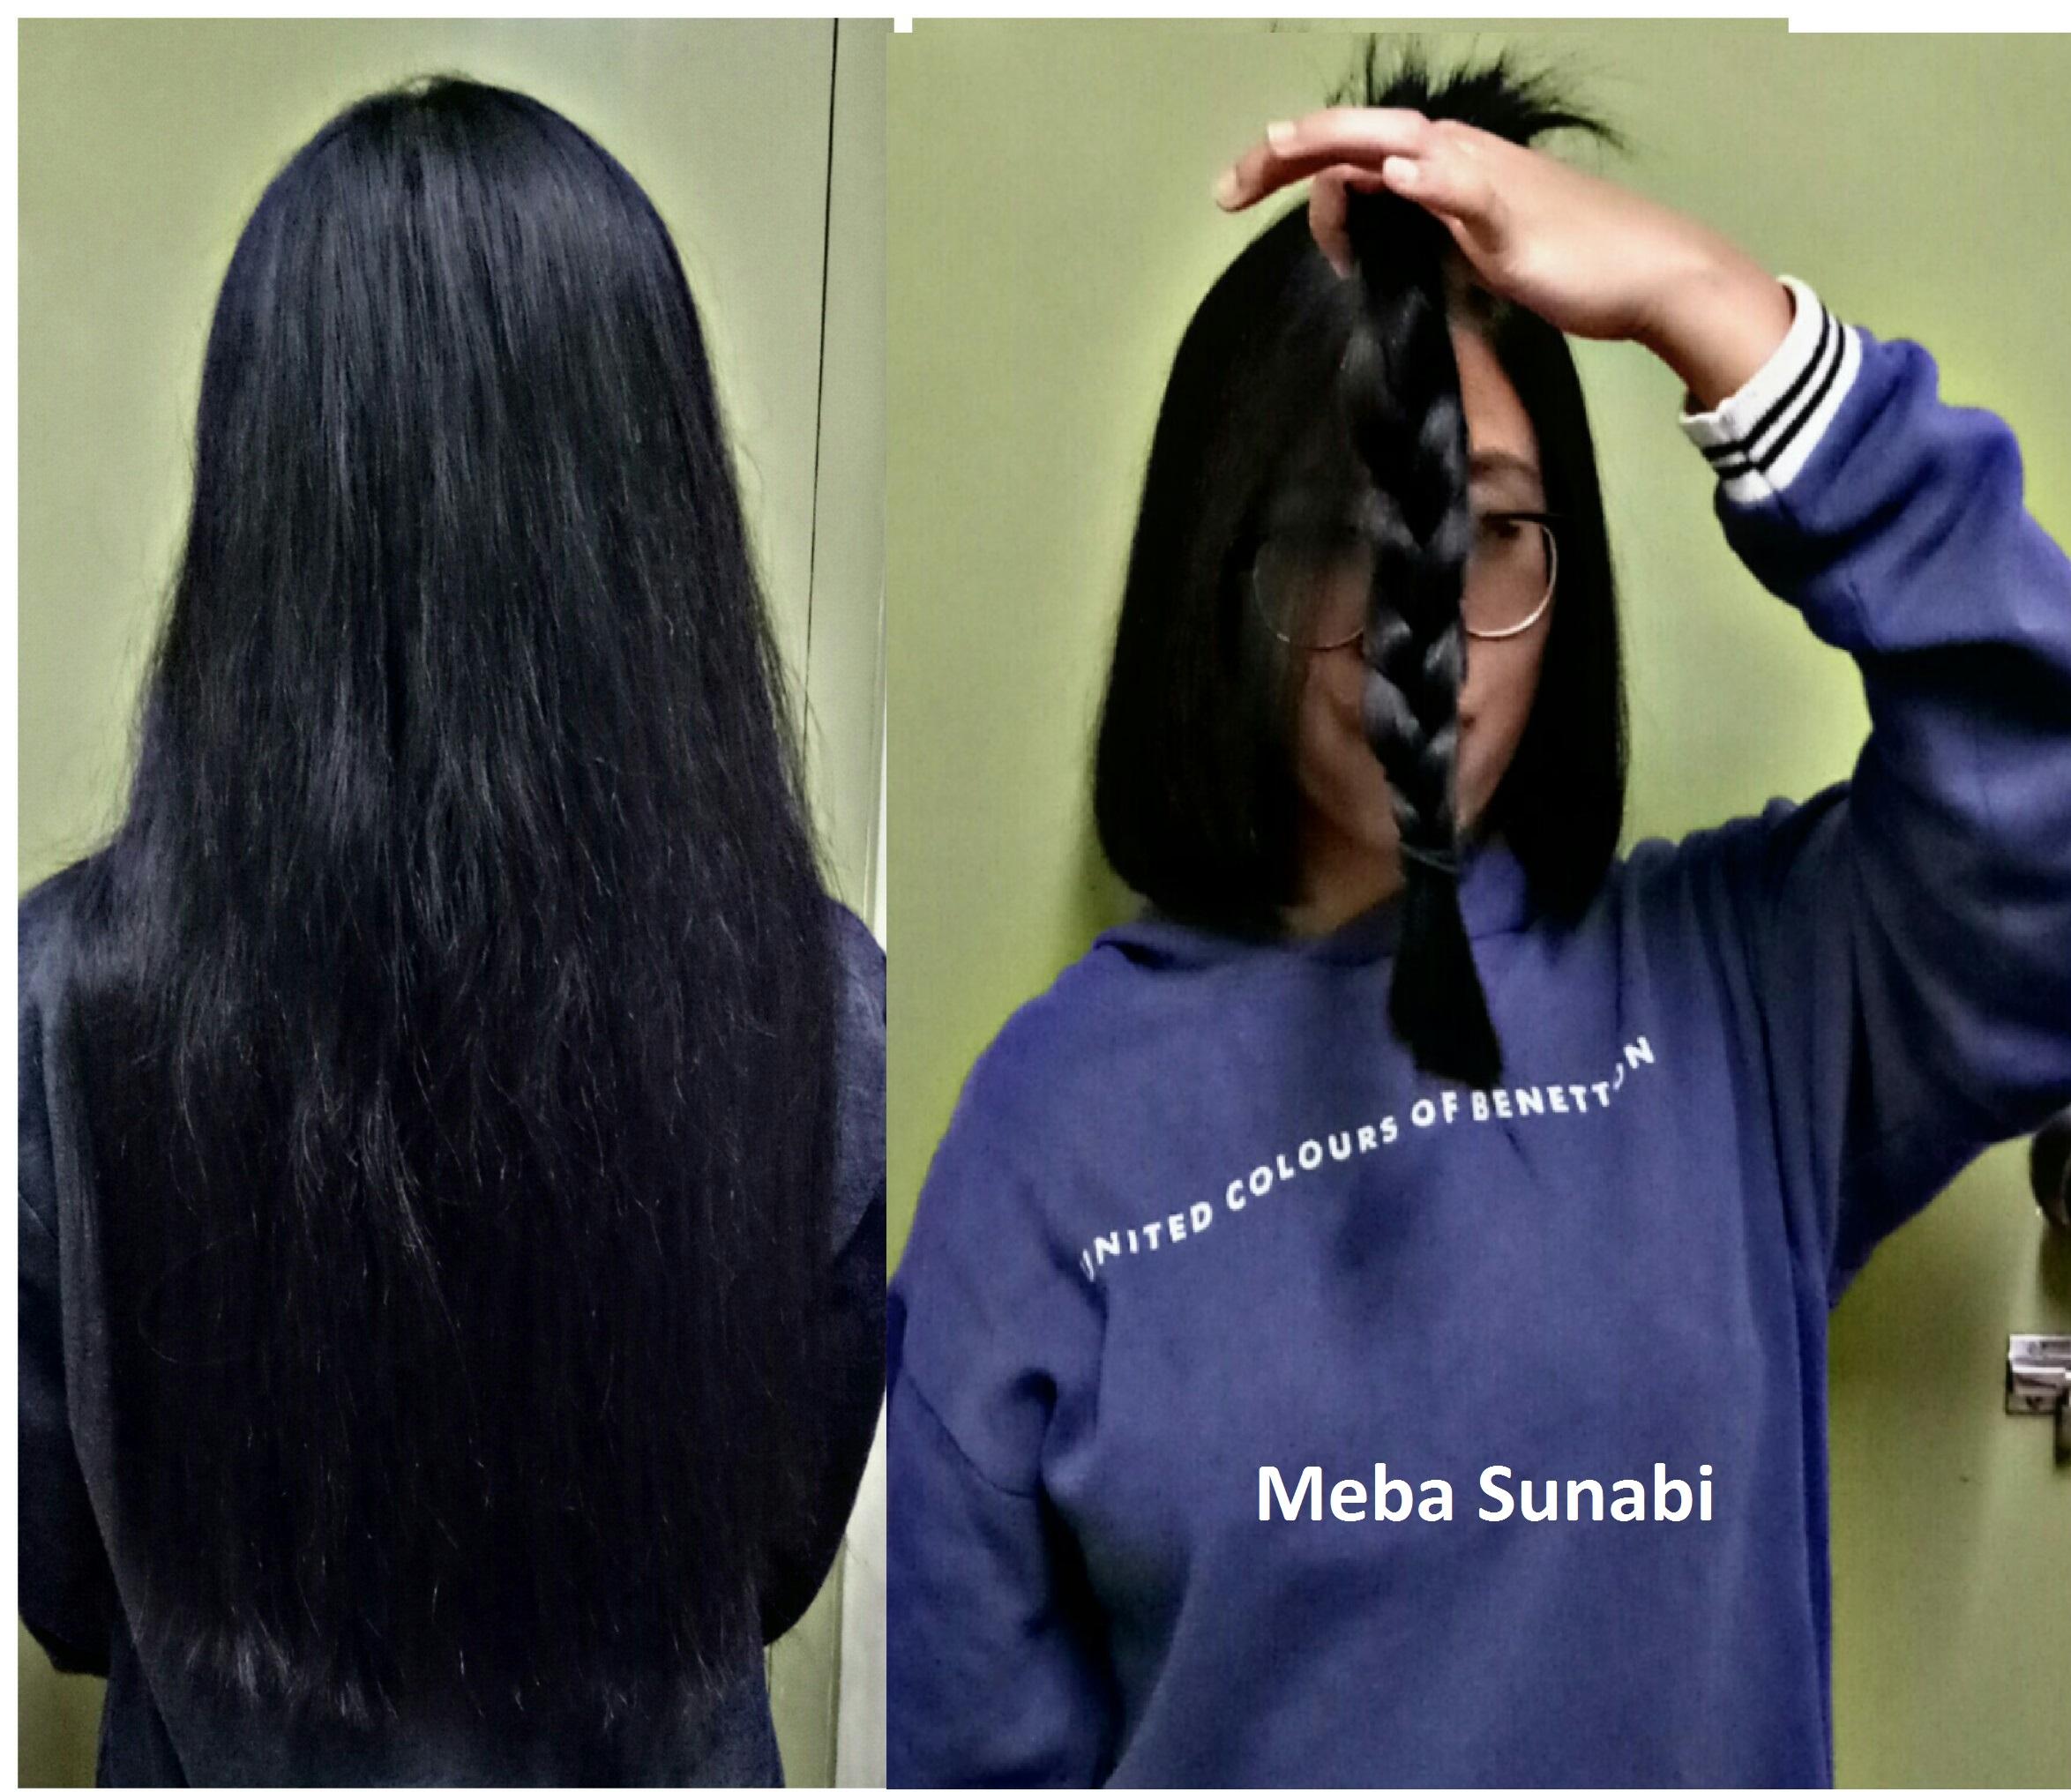 Meba Sunabi